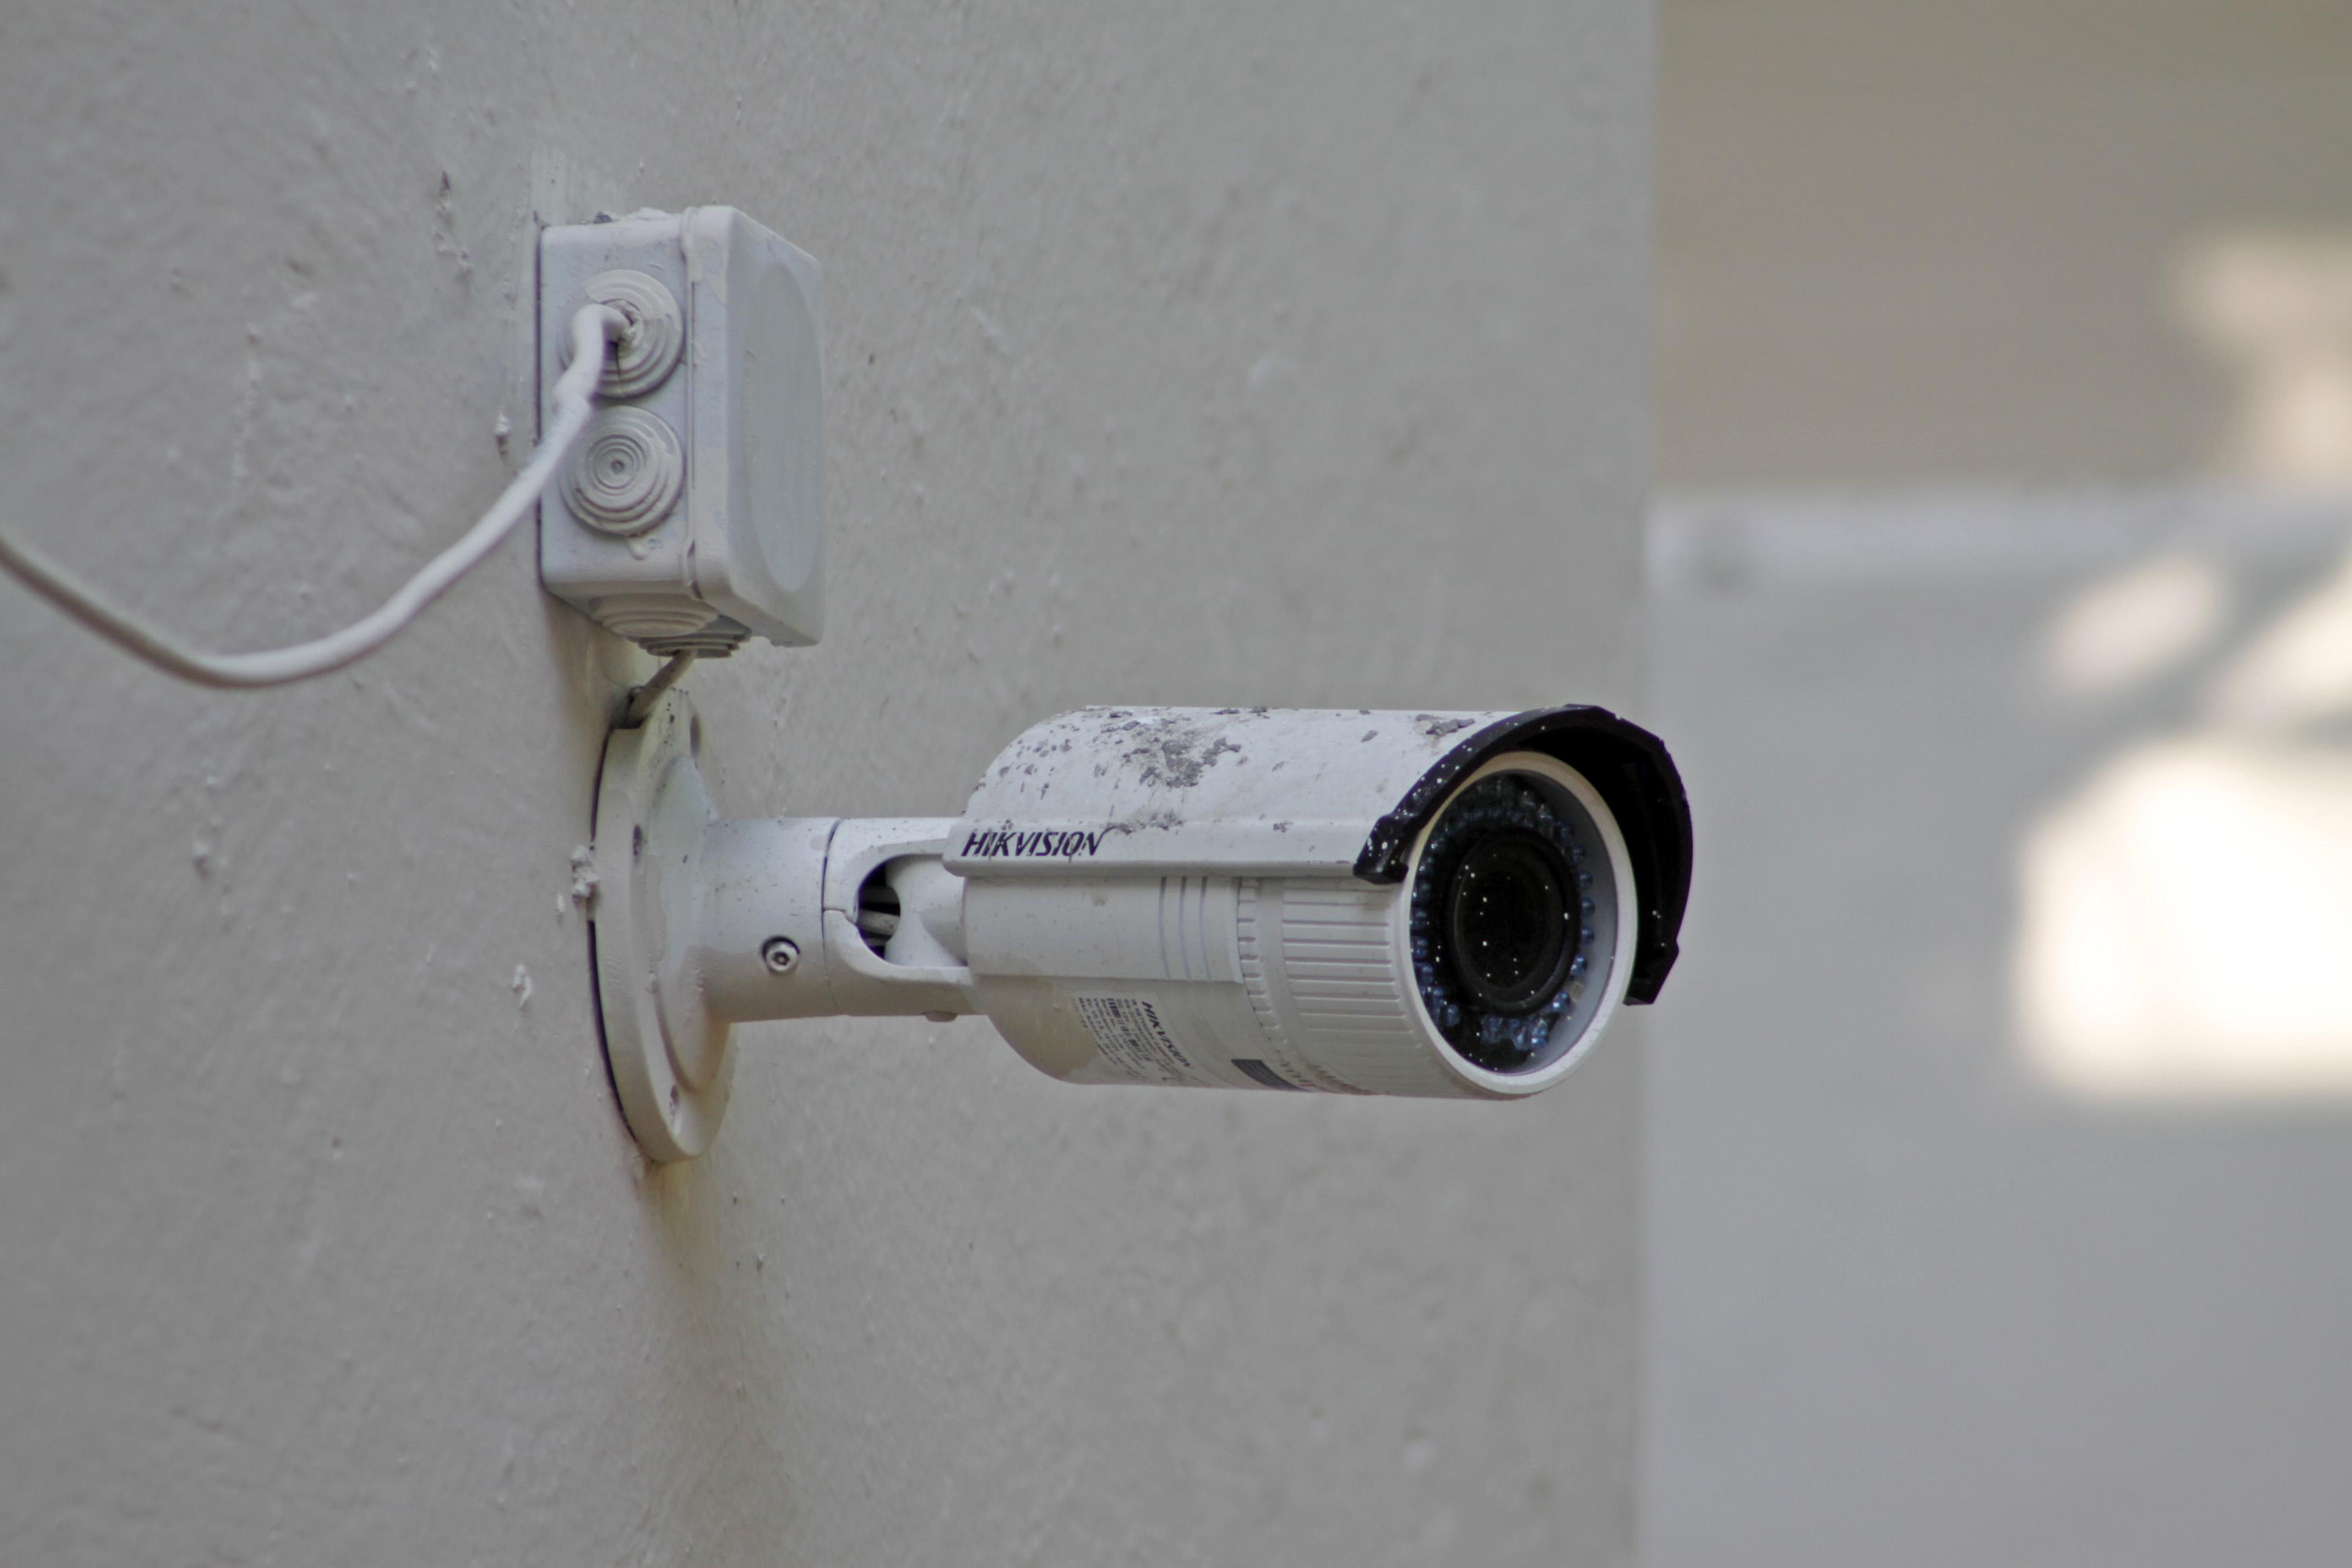 Comercios están imposibilitados para contar con cámaras de seguridad: Canaco